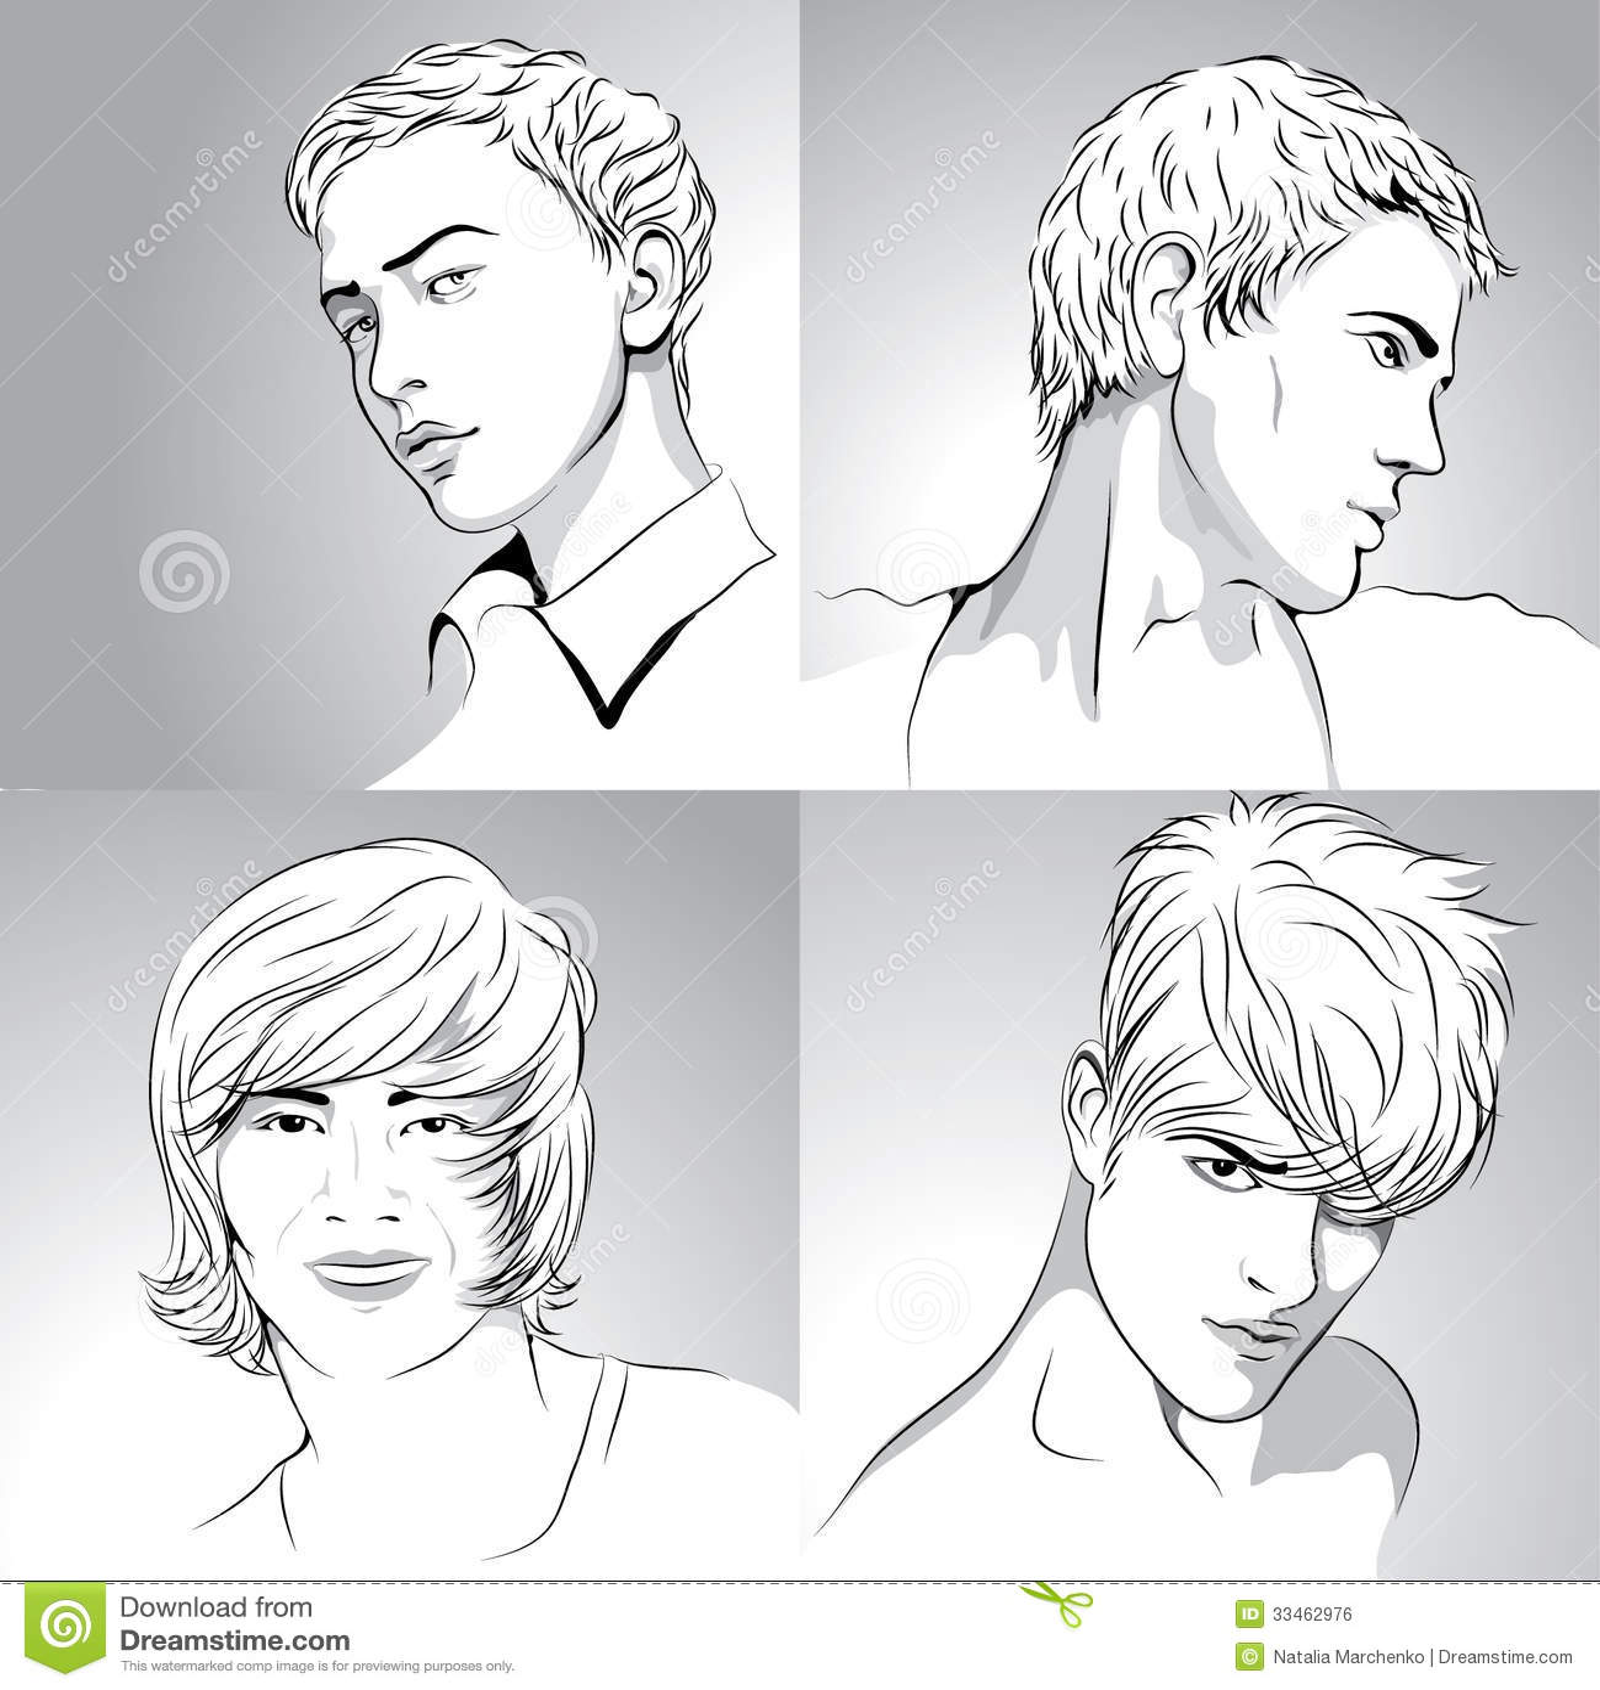 Quattro tagli di capelli degli uomini disegnati a mano